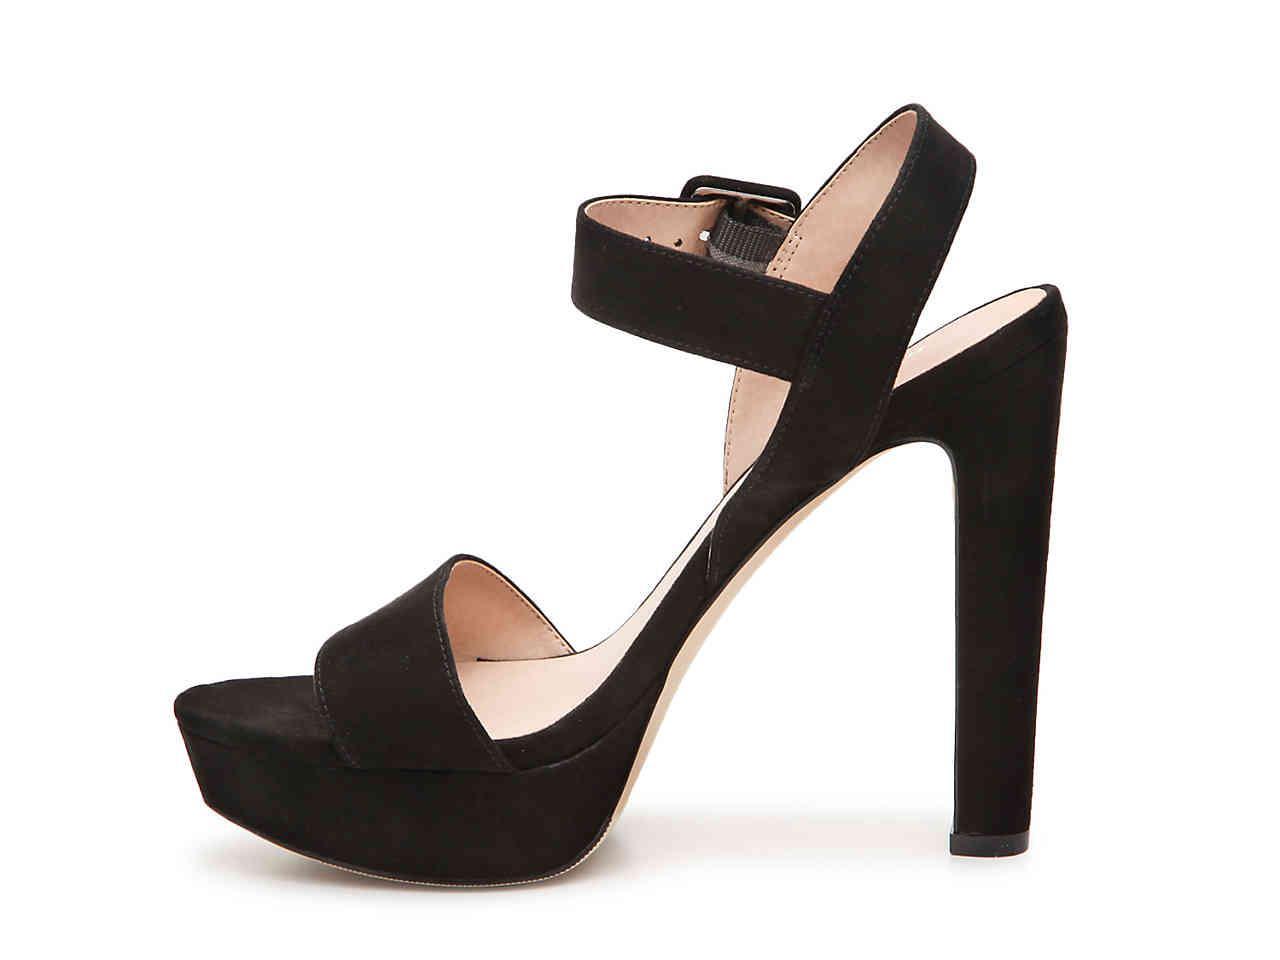 Madden Girl Rollo Platform Sandal in